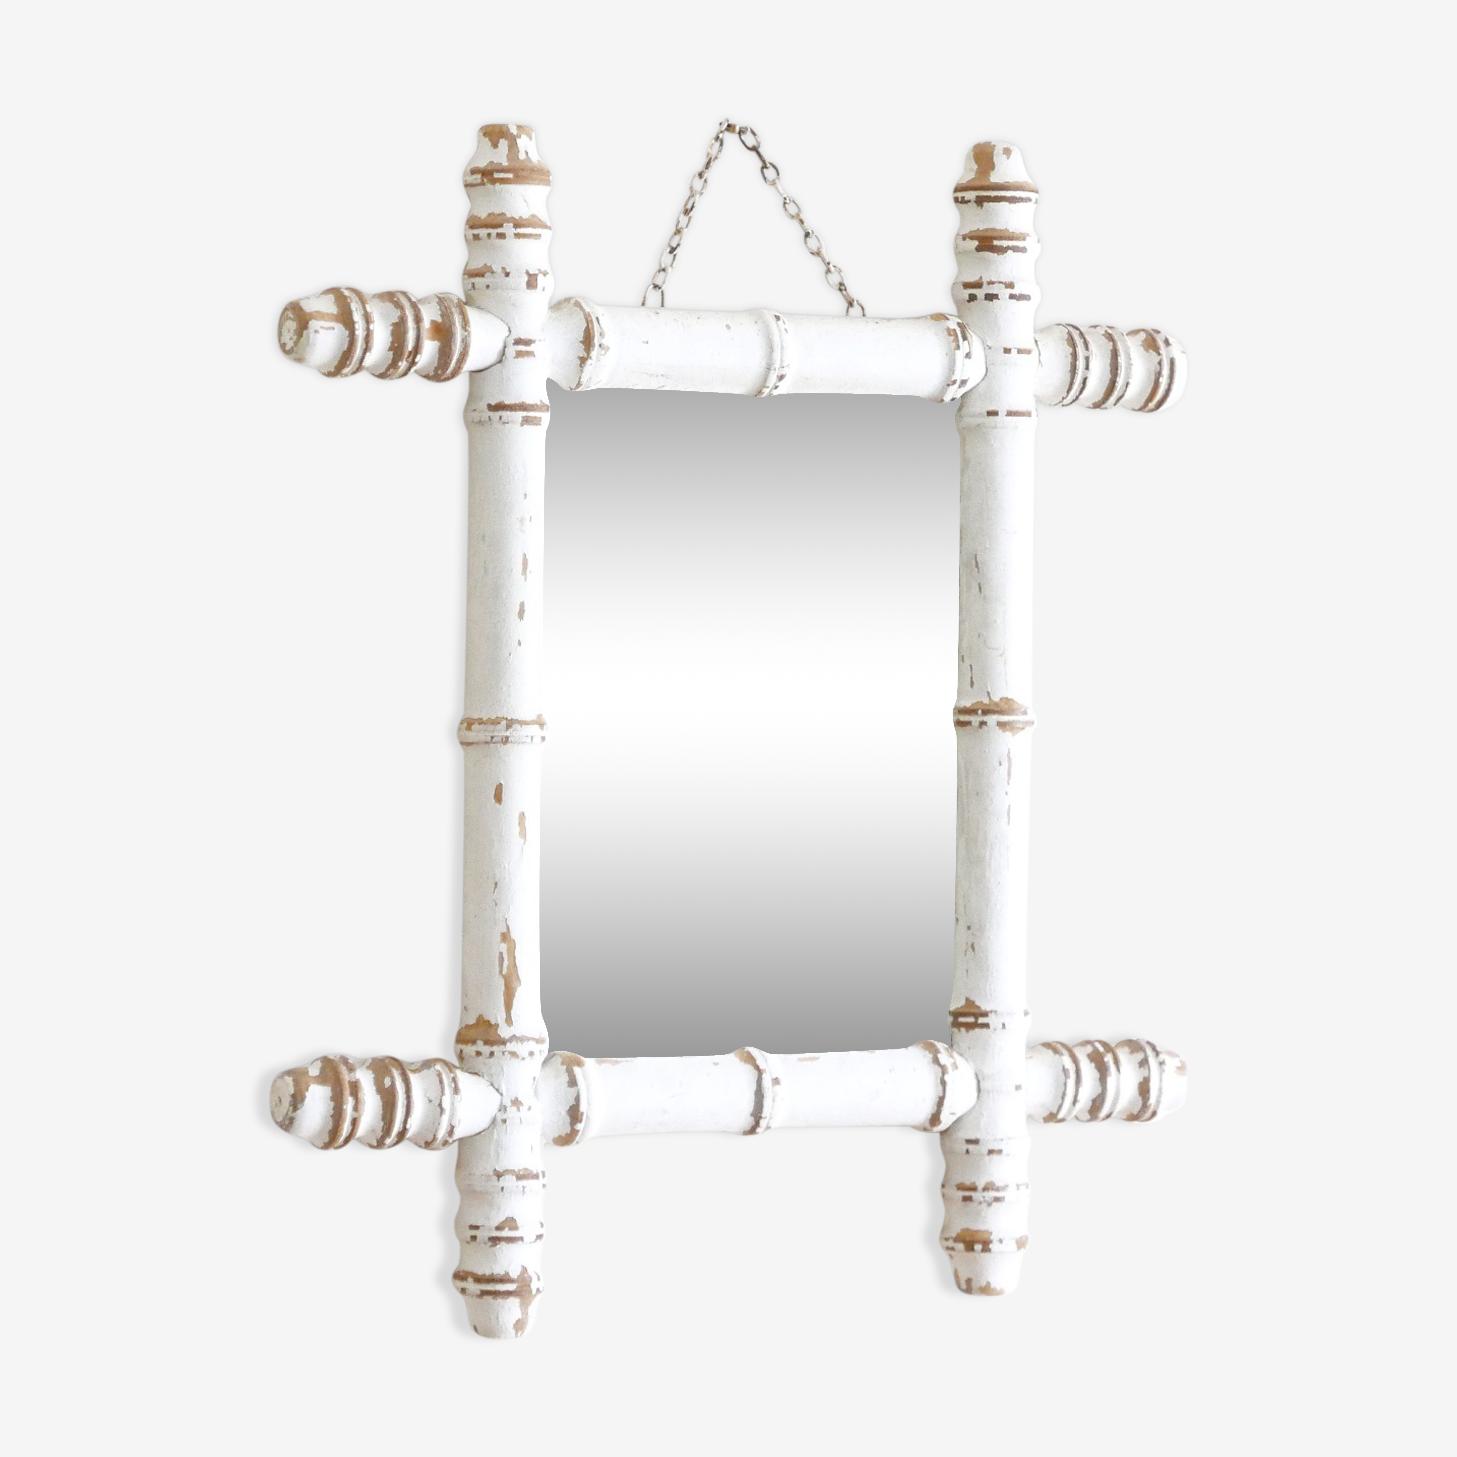 Miroir ancien, cadre en bois tourné, années 20 -  40 x 35.5 cm